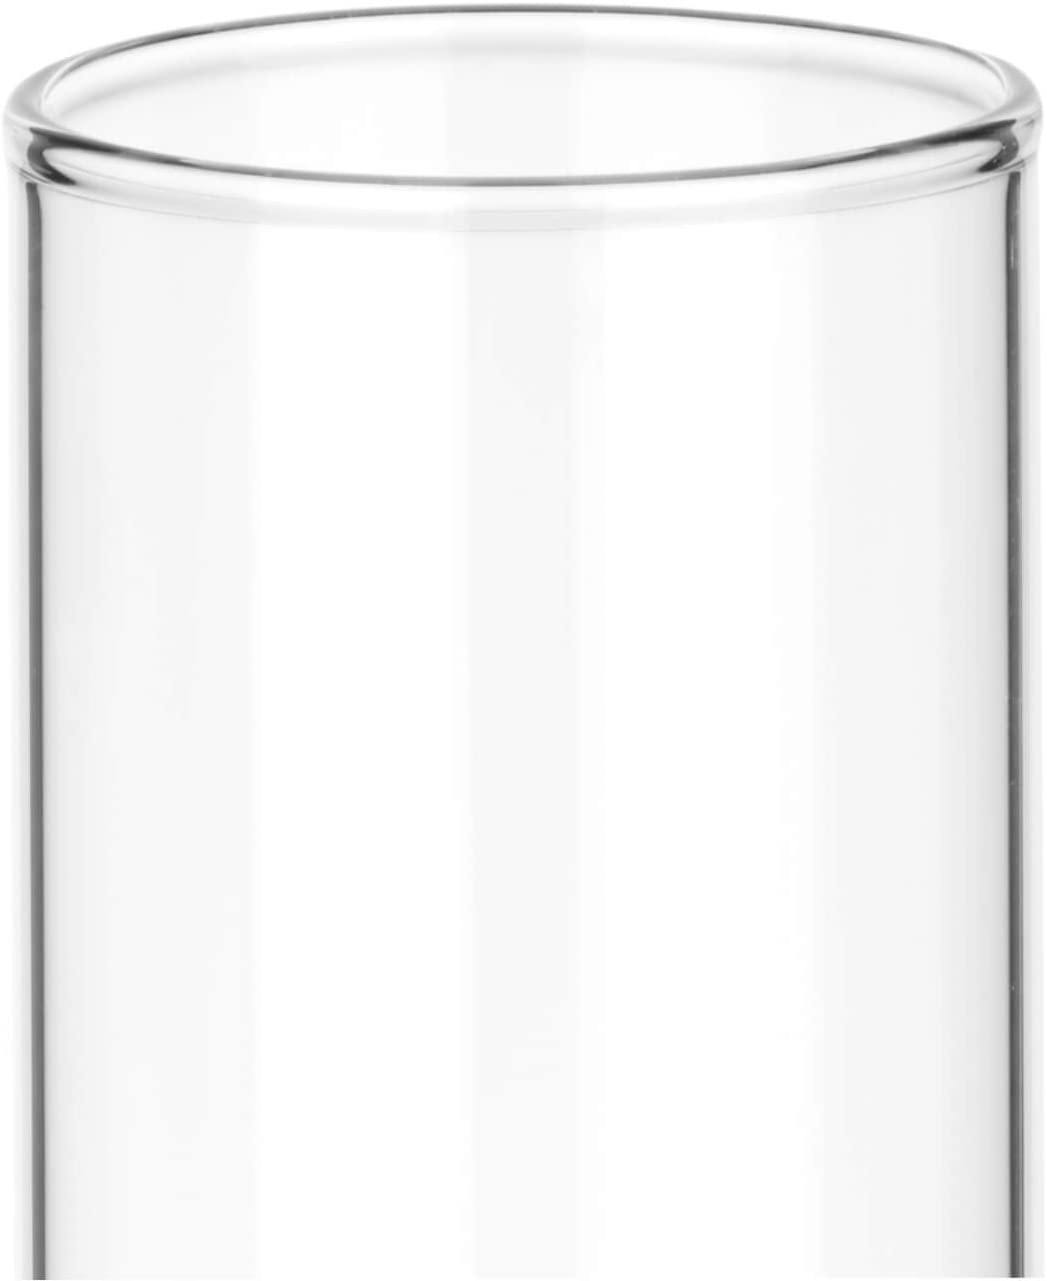 140 x /Ø16 mm Paroi /épaisse ✓ Tubes /à essai 25 x /Éprouvettes en verre de laboratoire avec des bouchons en li/ège naturel